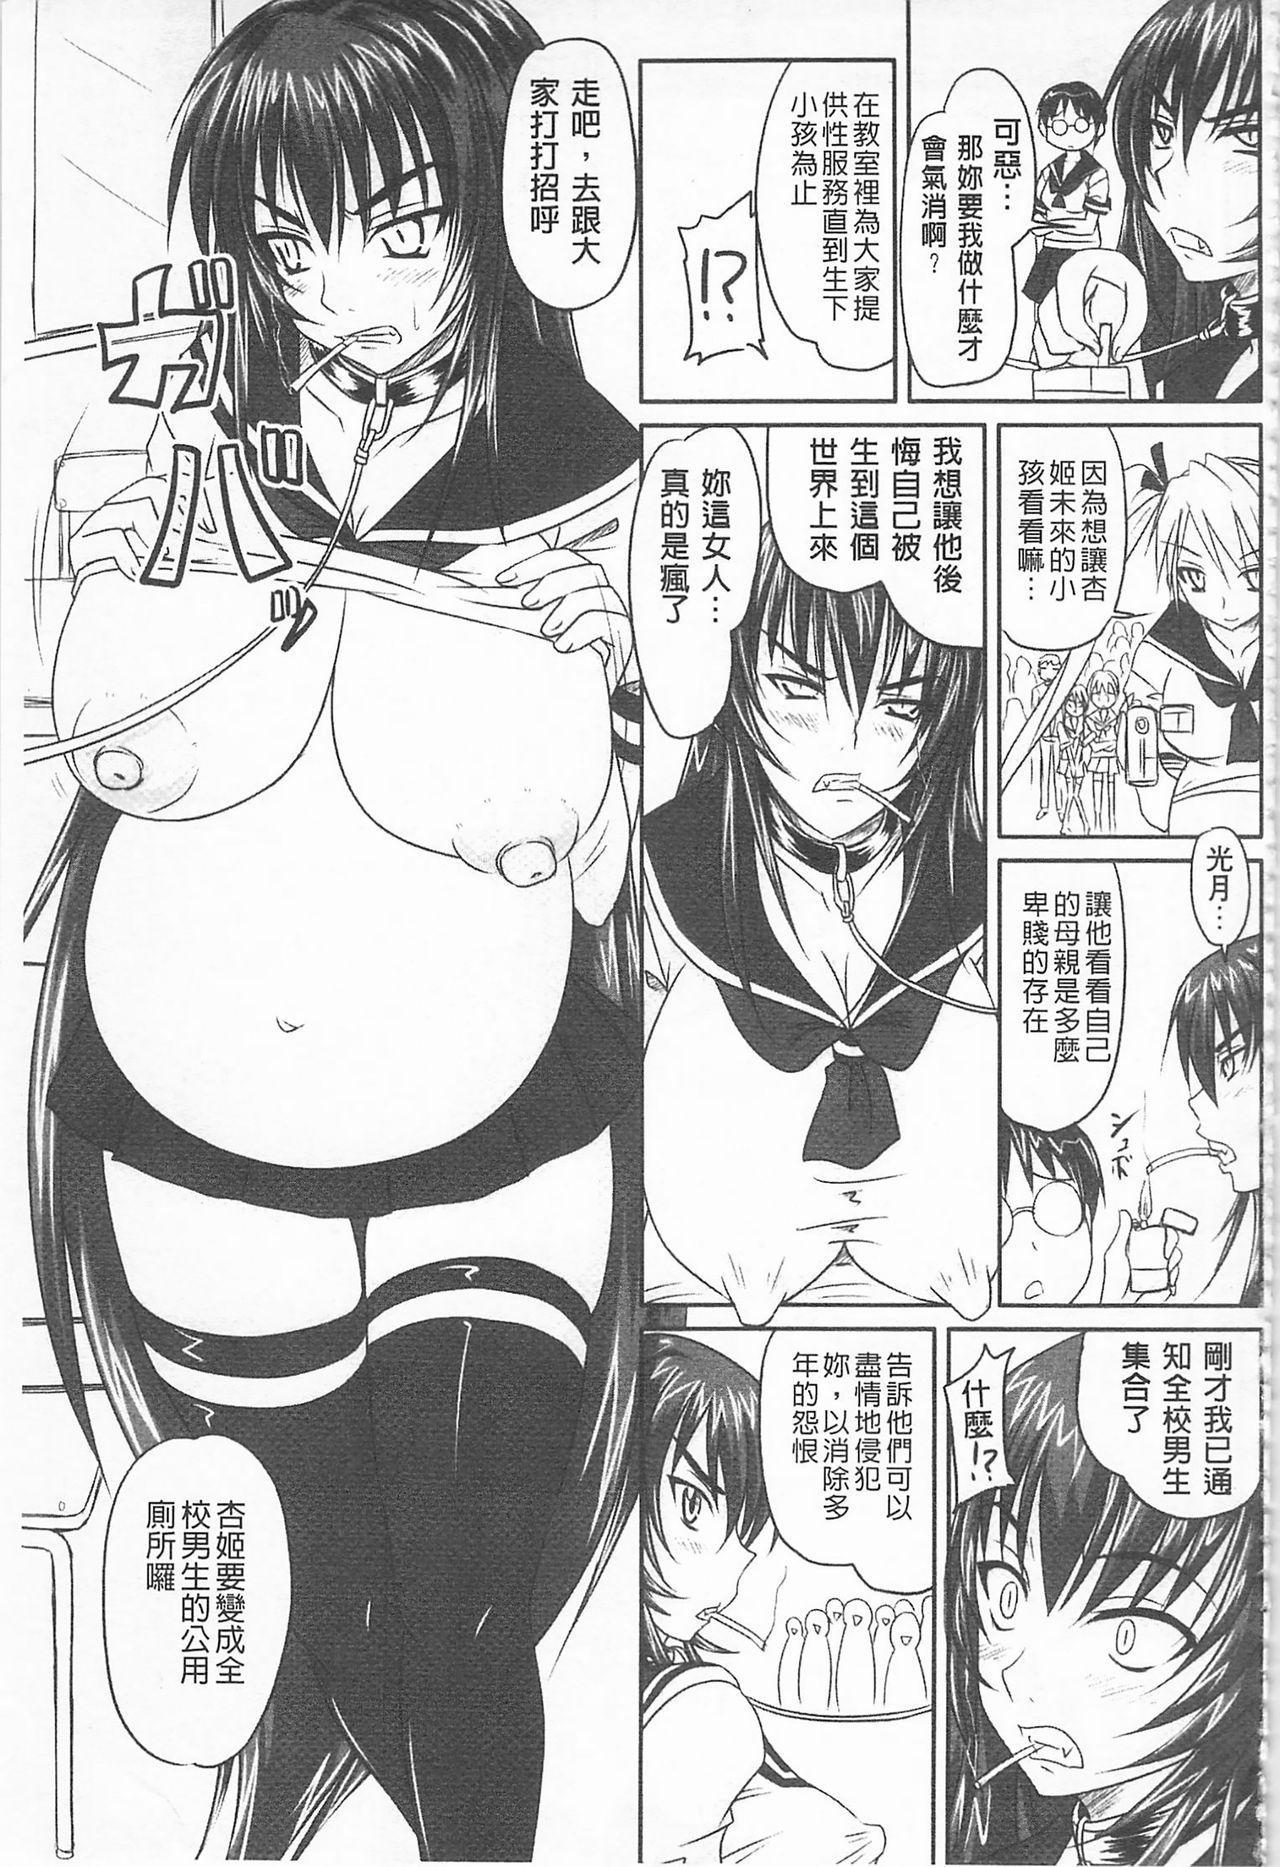 [Nozarashi Satoru] Do S na Hime wa Kegasareru -Inga no Shou- | 超S的公主被玷汙了 ~因果之章~ [Chinese] 149